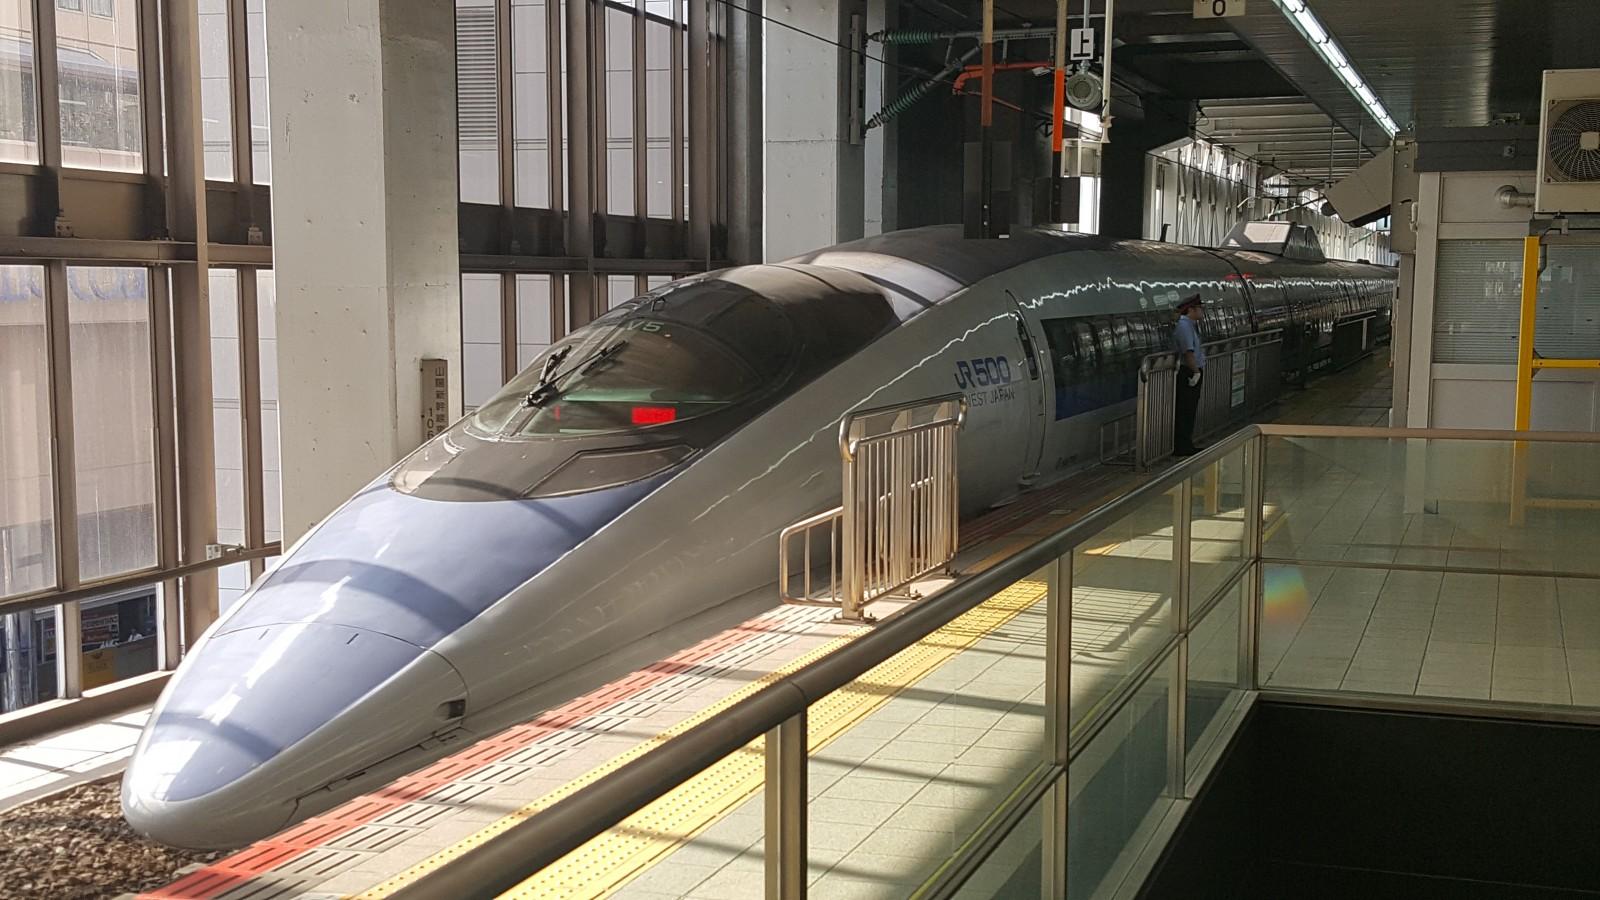 Welcome, to the Shinkansen!